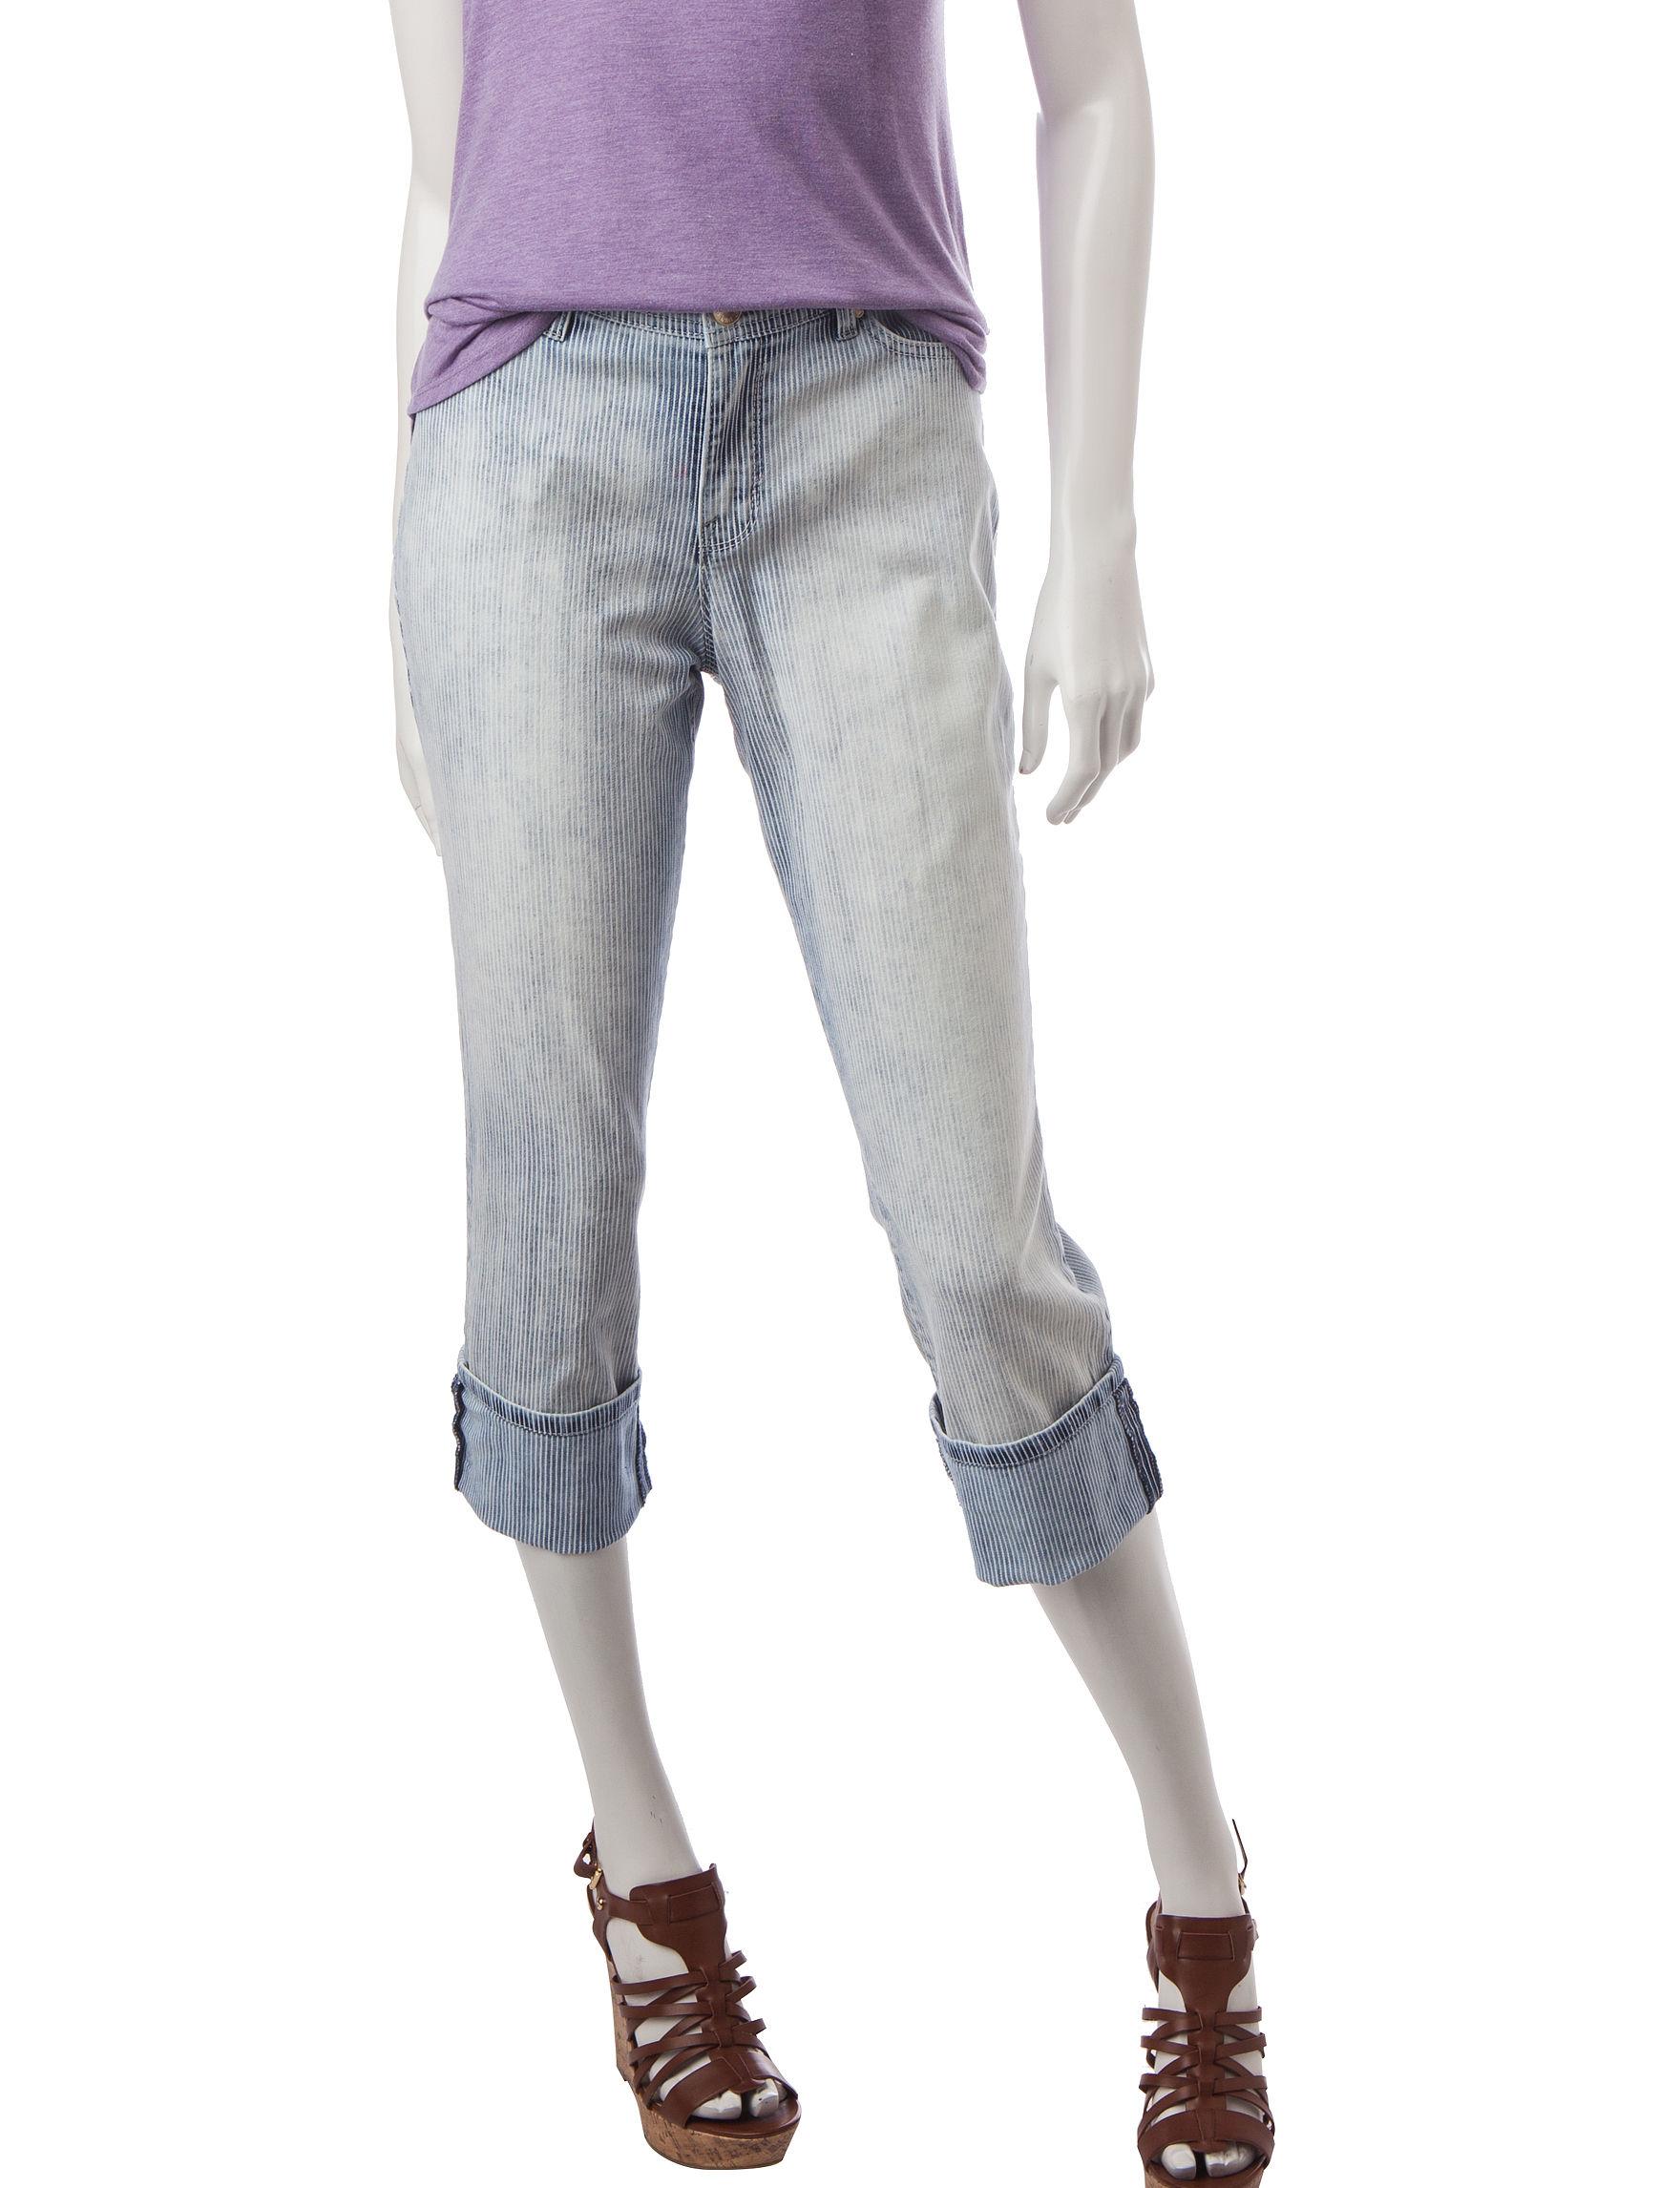 Nine West Jeans Blue Capris & Crops